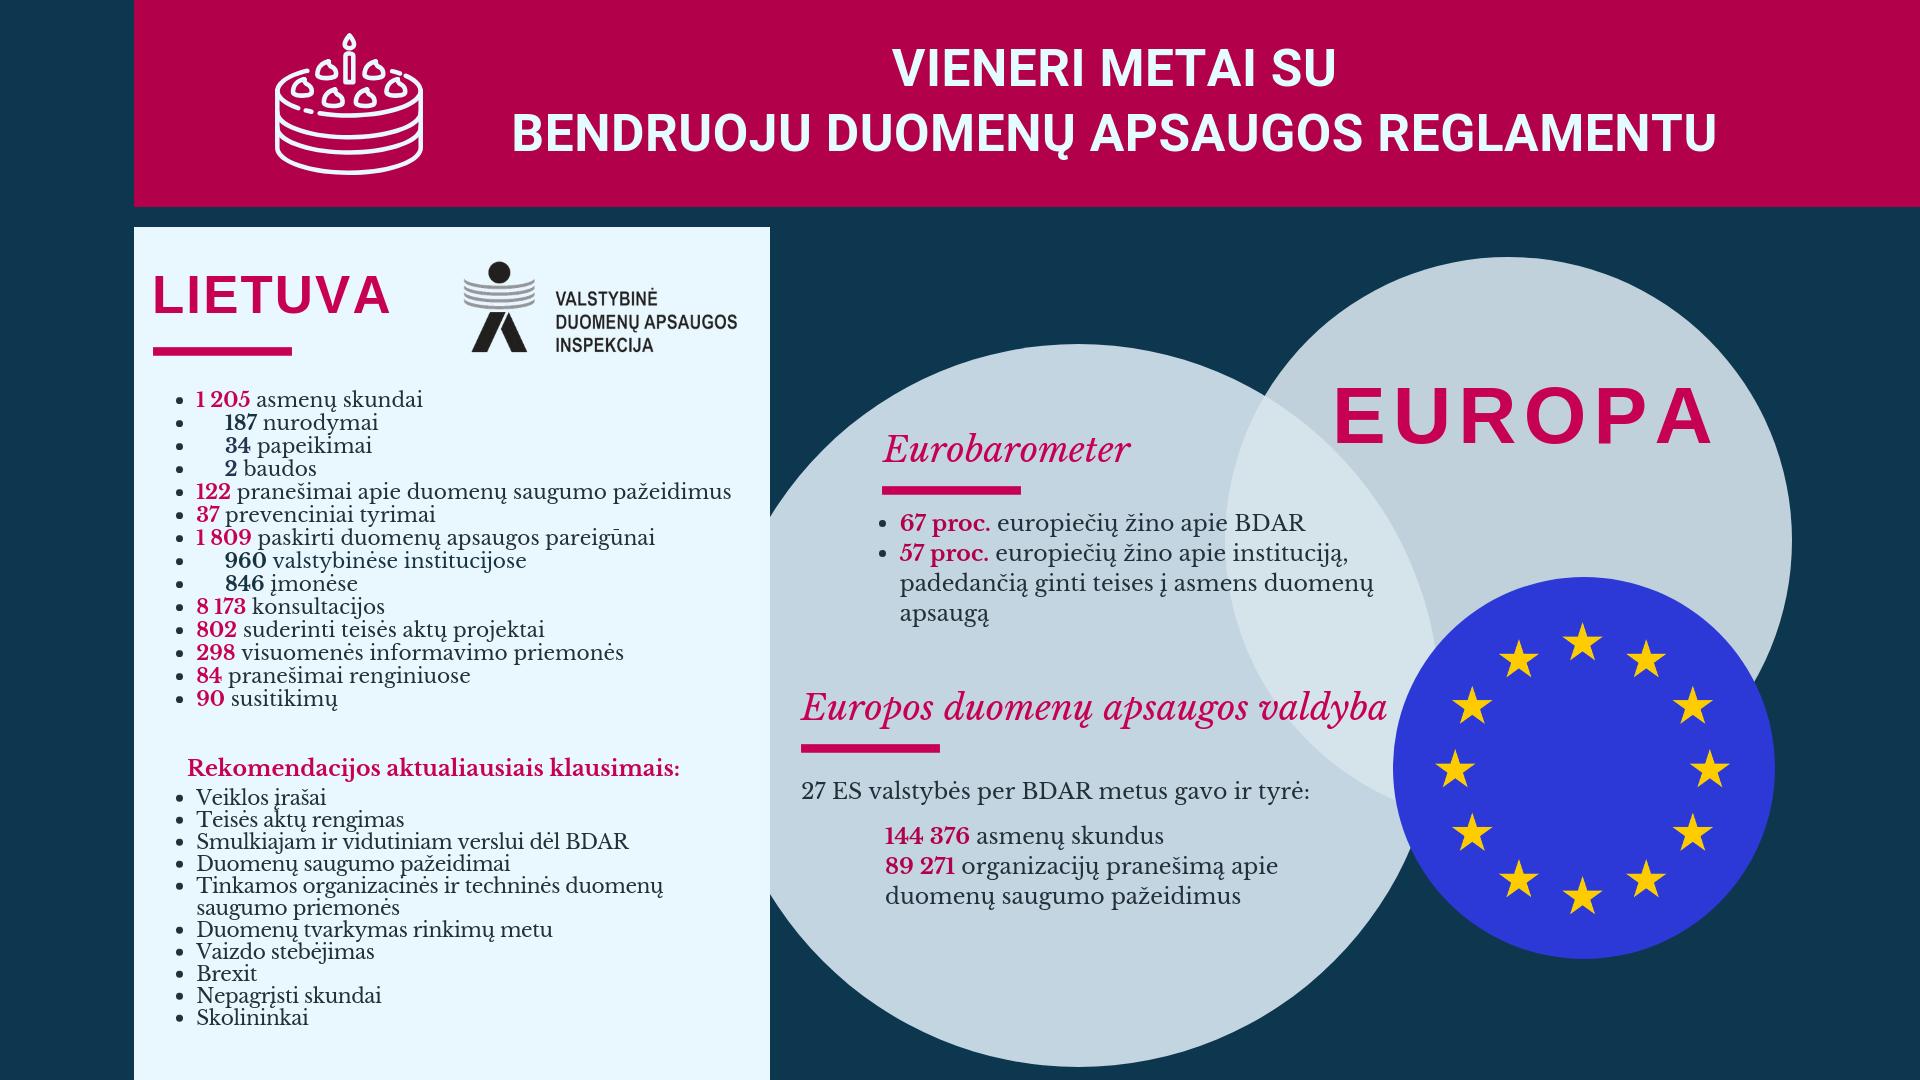 Vieneri metai su Bendruoju duomenų apsaugos reglamentu